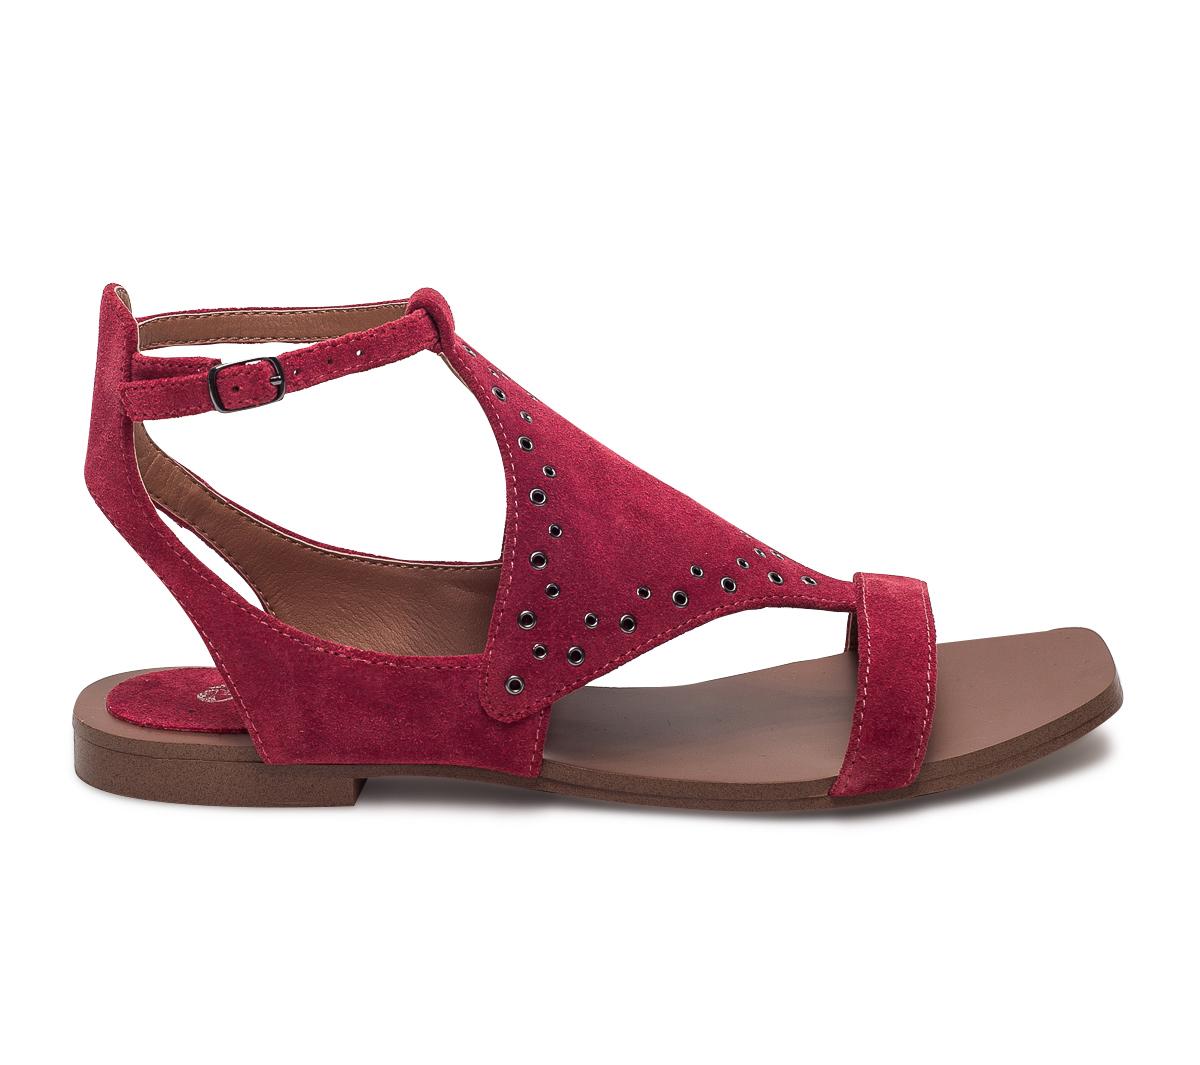 Sandale À Oeillets Eram Dorés Rouge qSUzVGMp